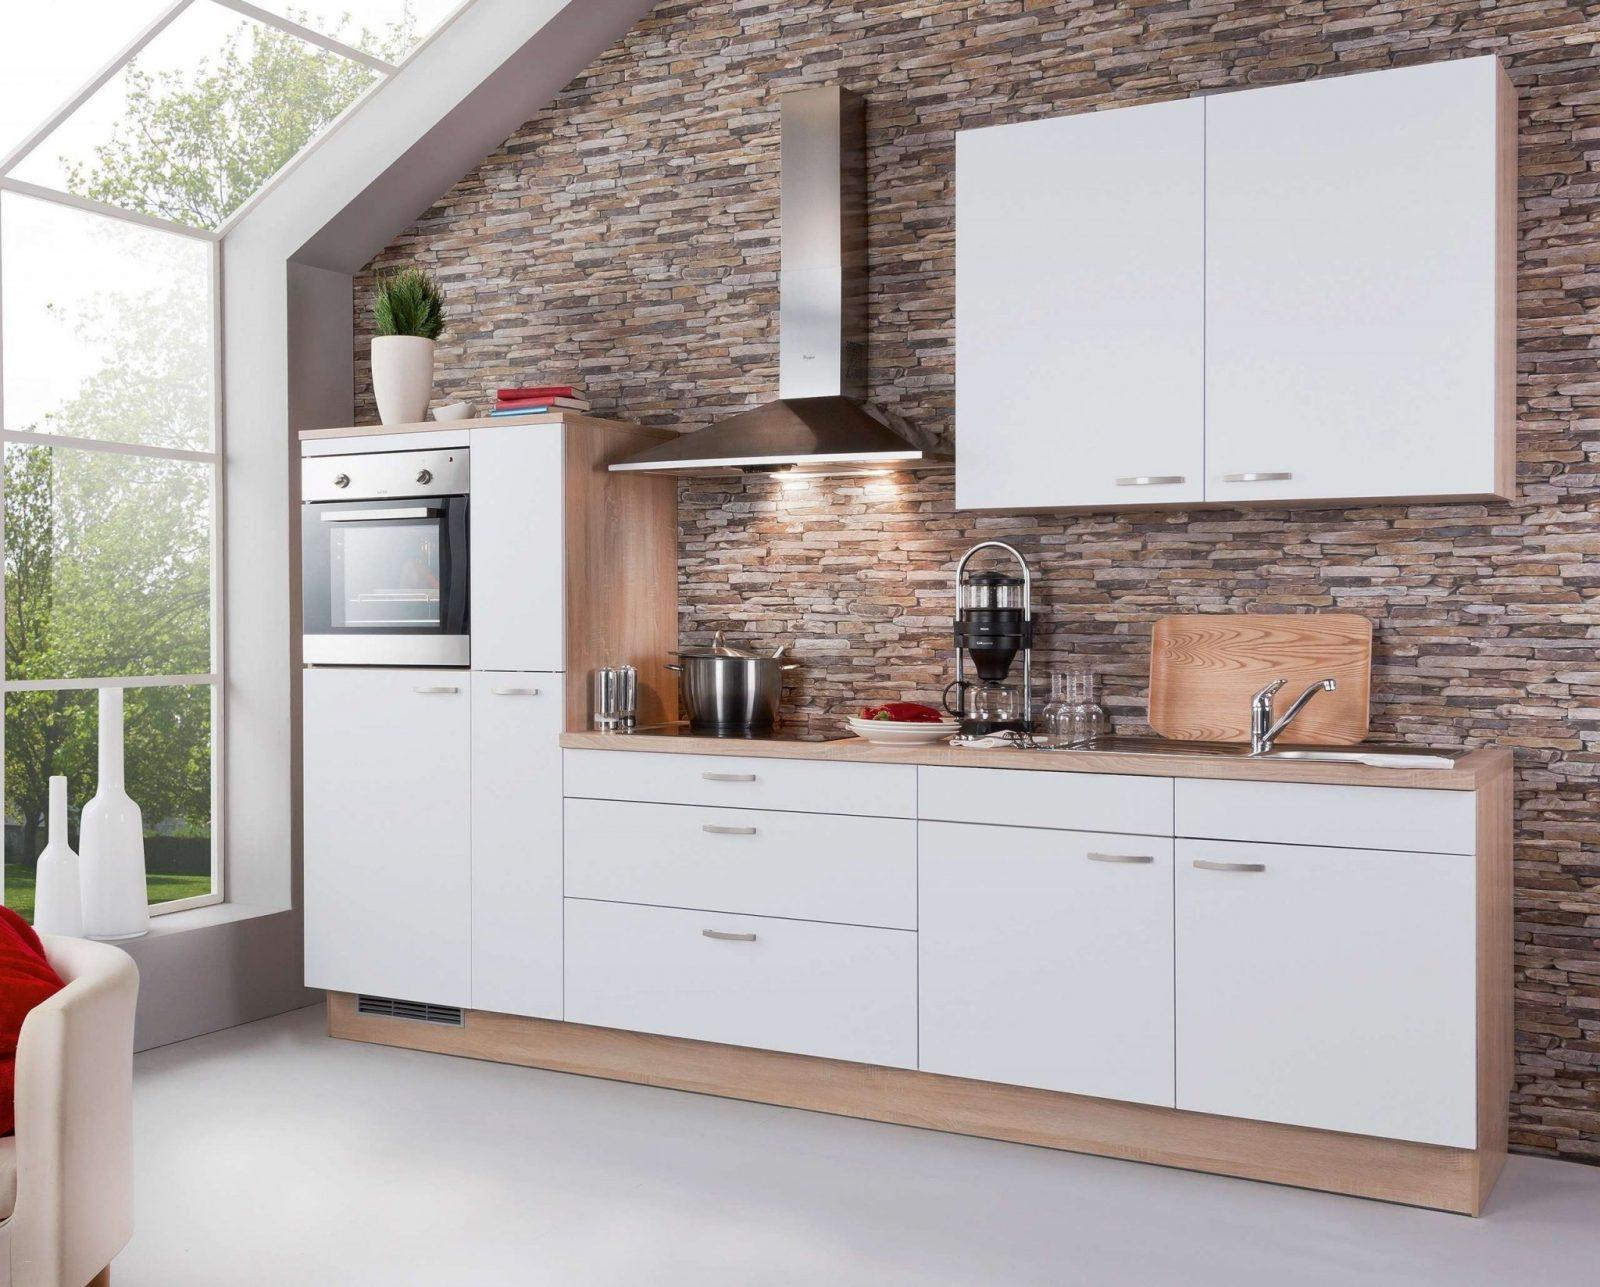 Küchen Tapeten Abwaschbar — Haus Möbel von Abwaschbare Tapeten Für Die Küche Photo